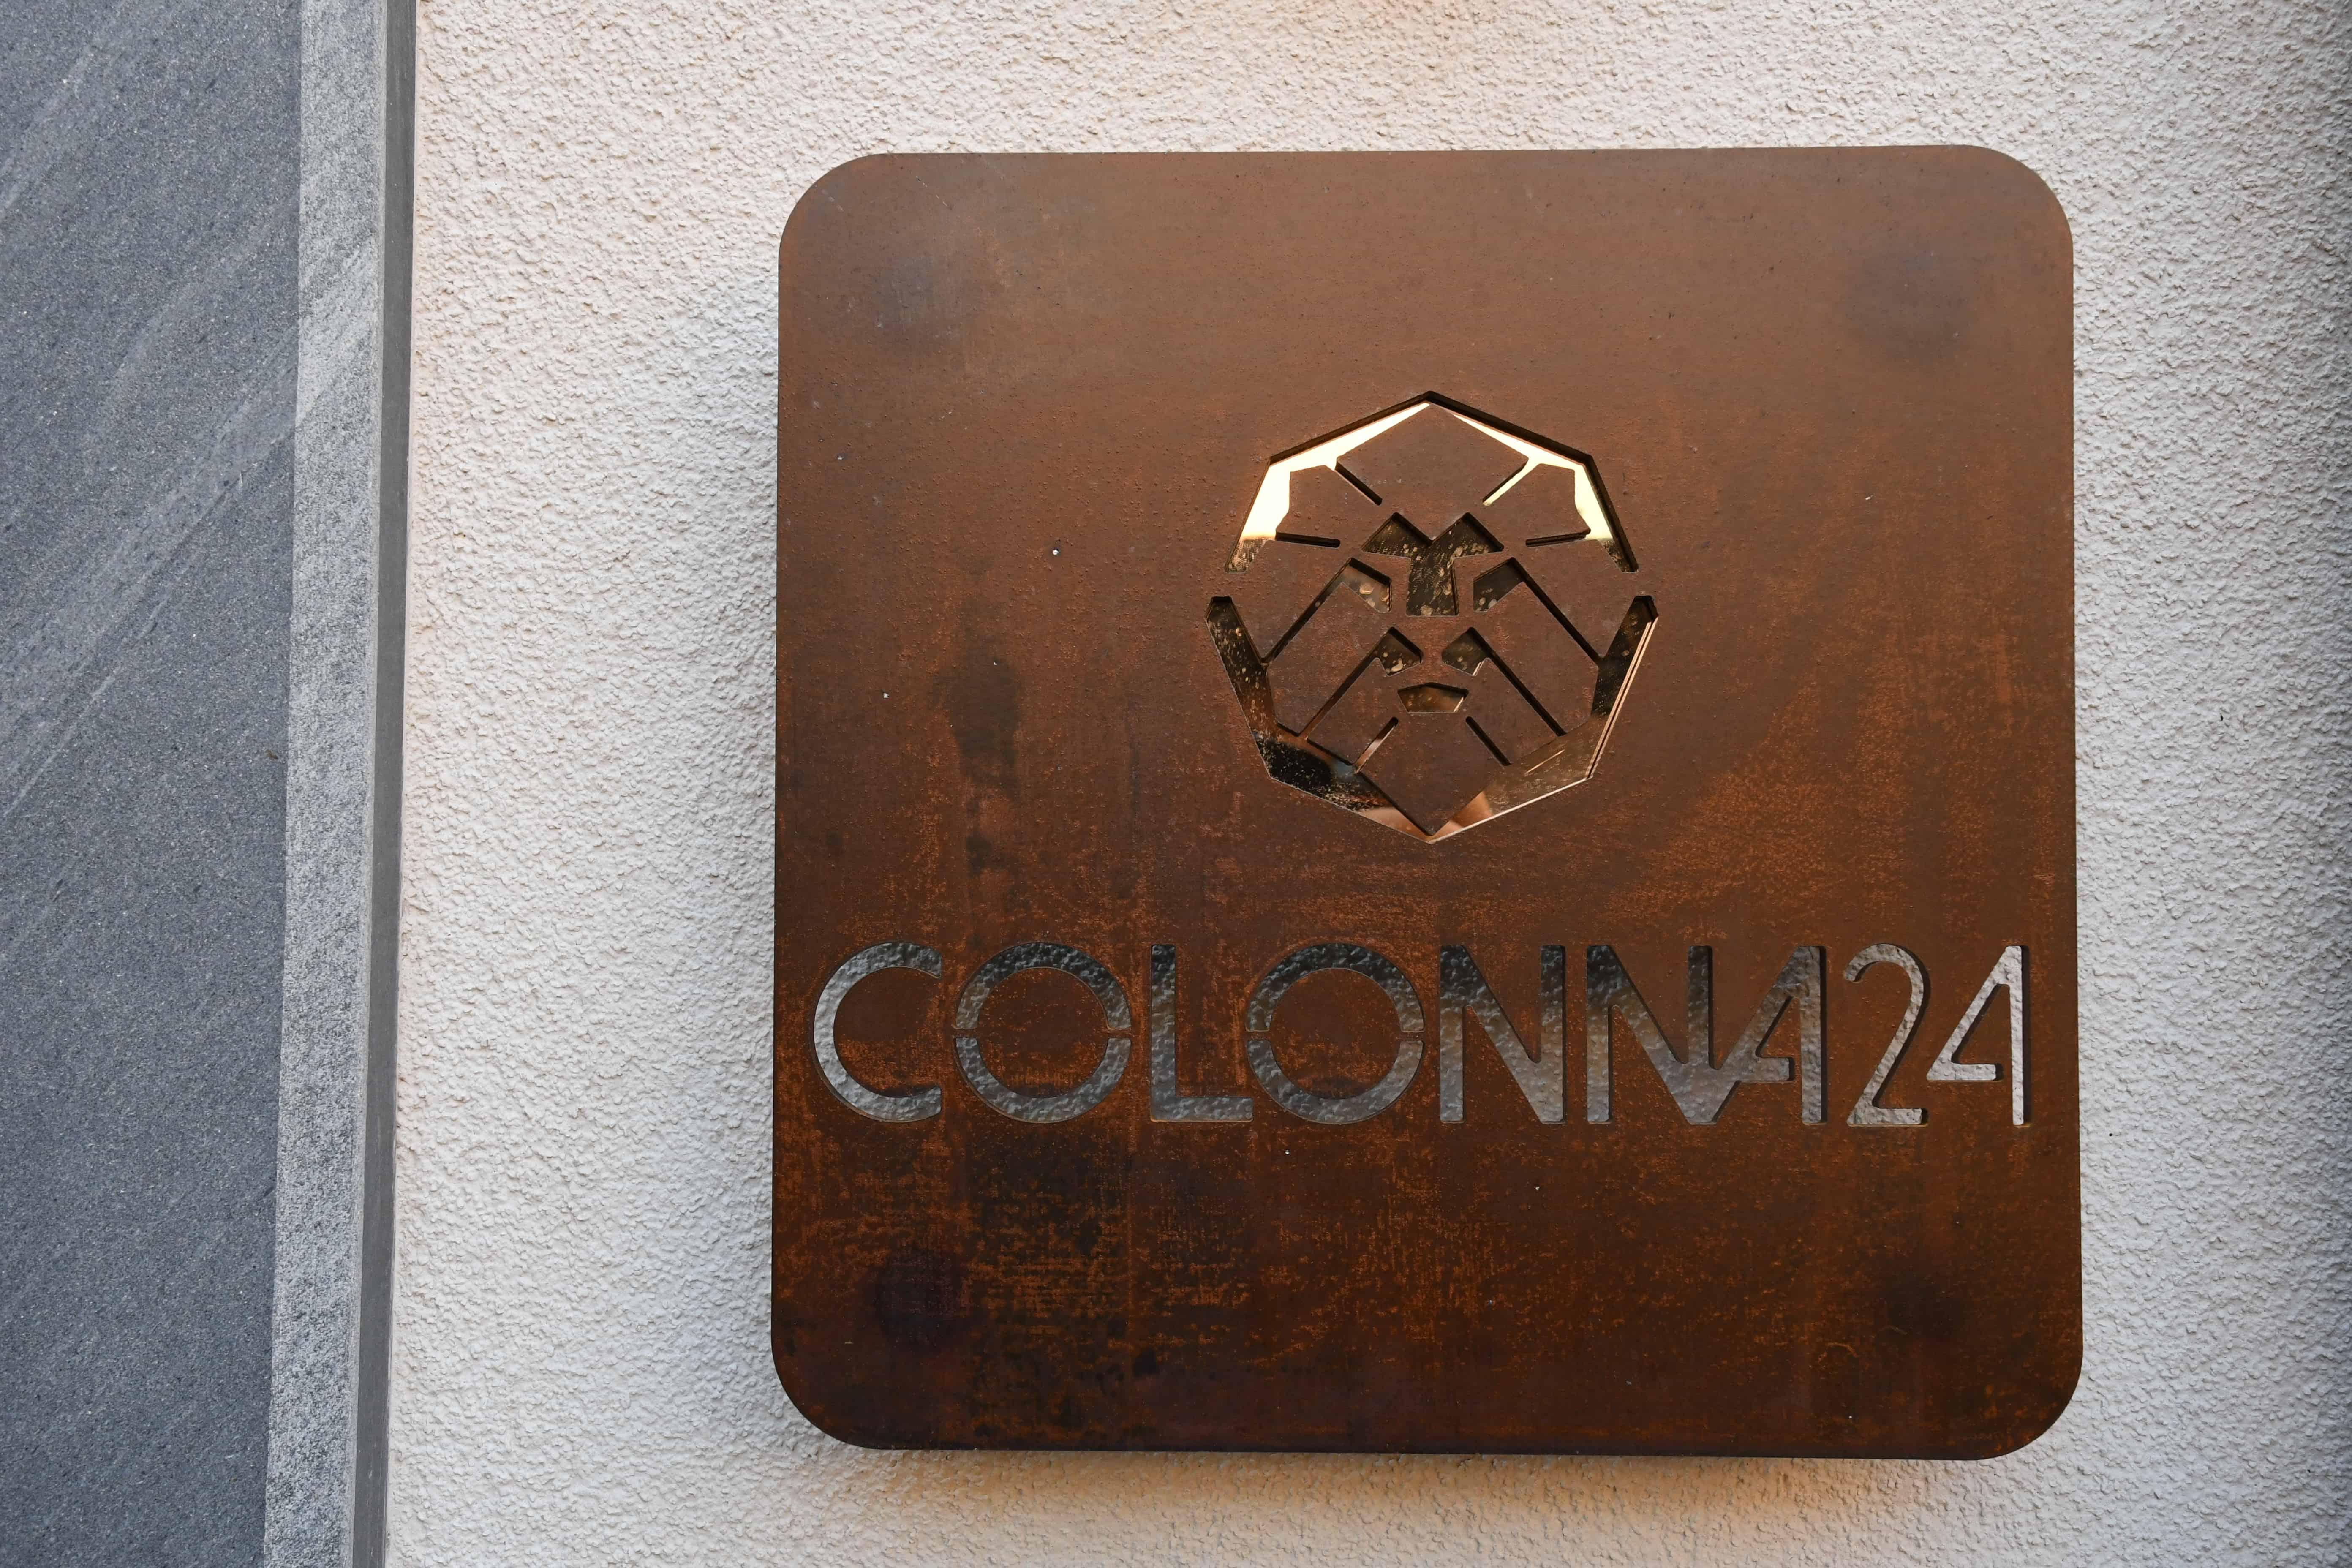 Colonna 24